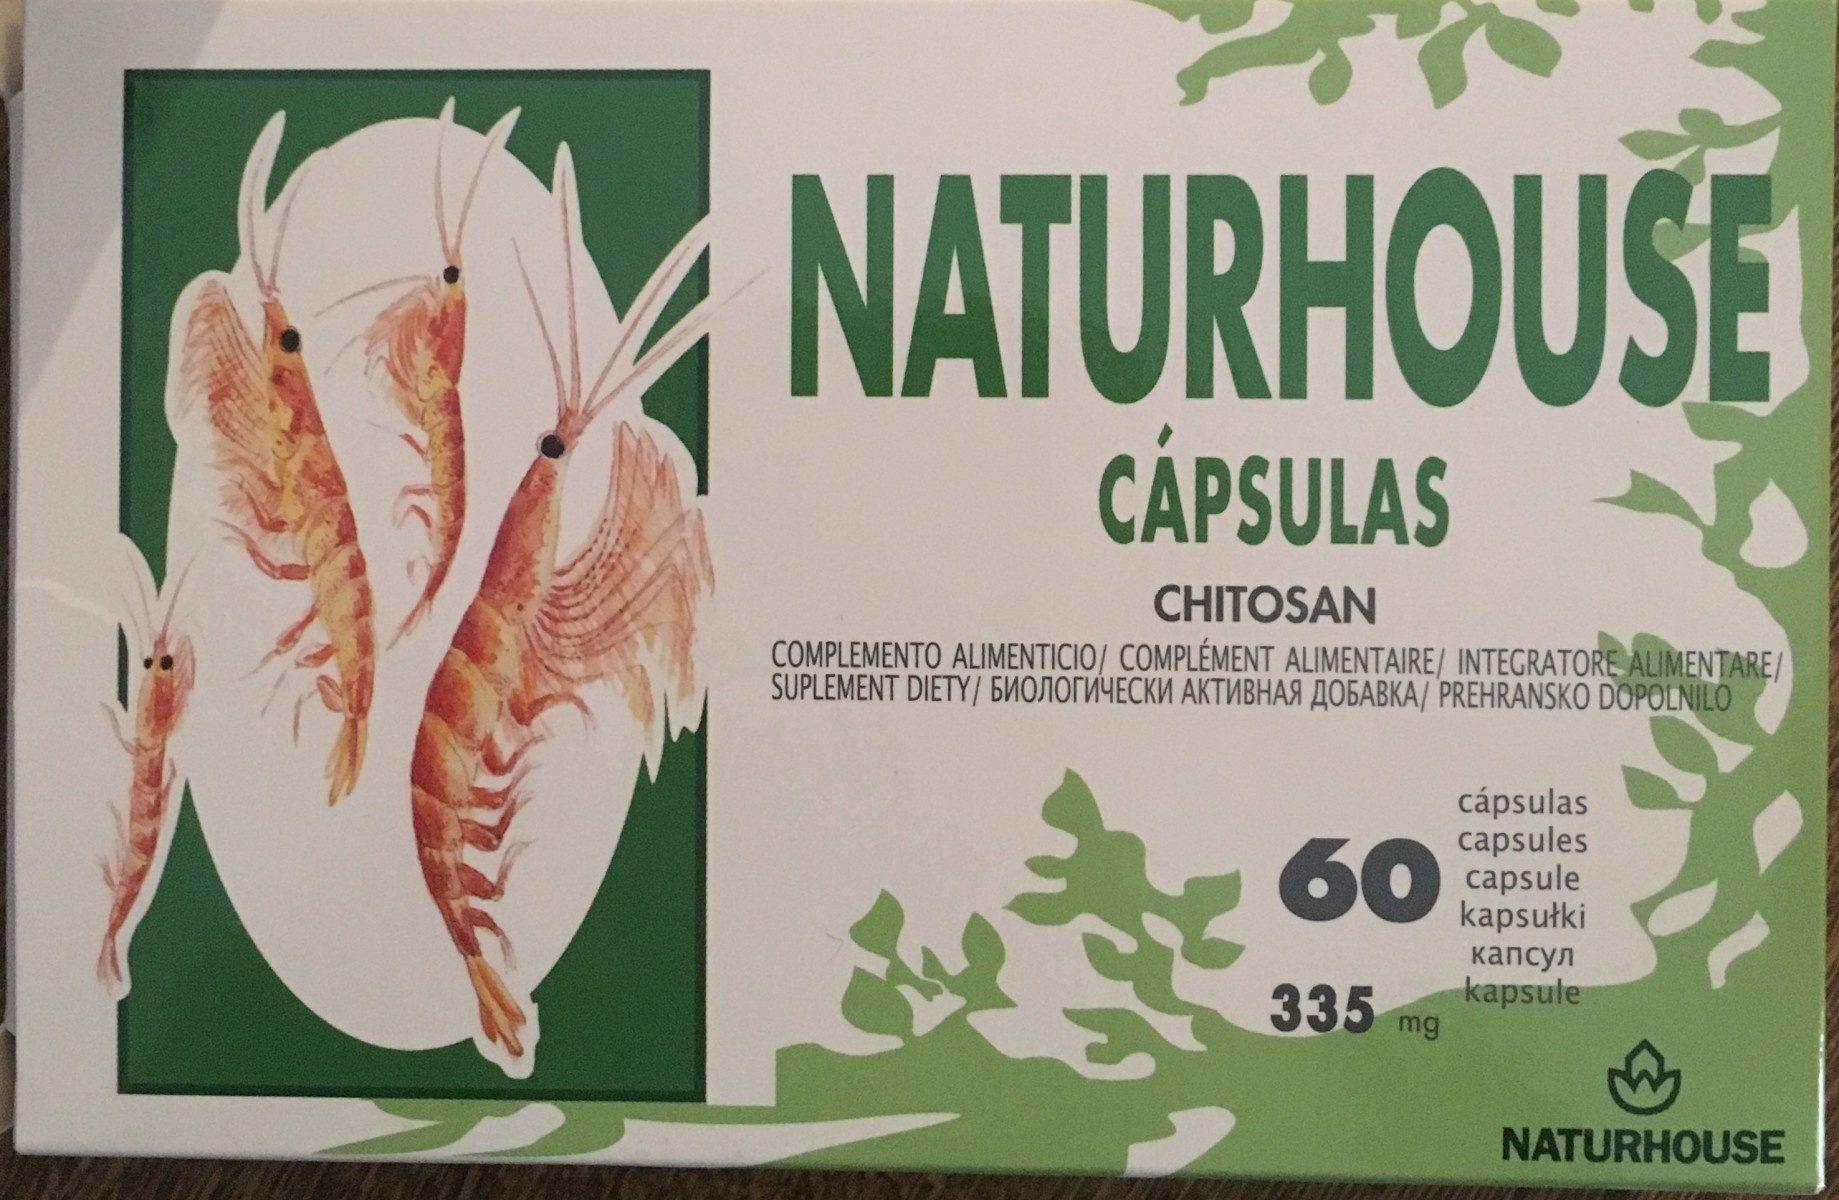 Capsulas naturhouse